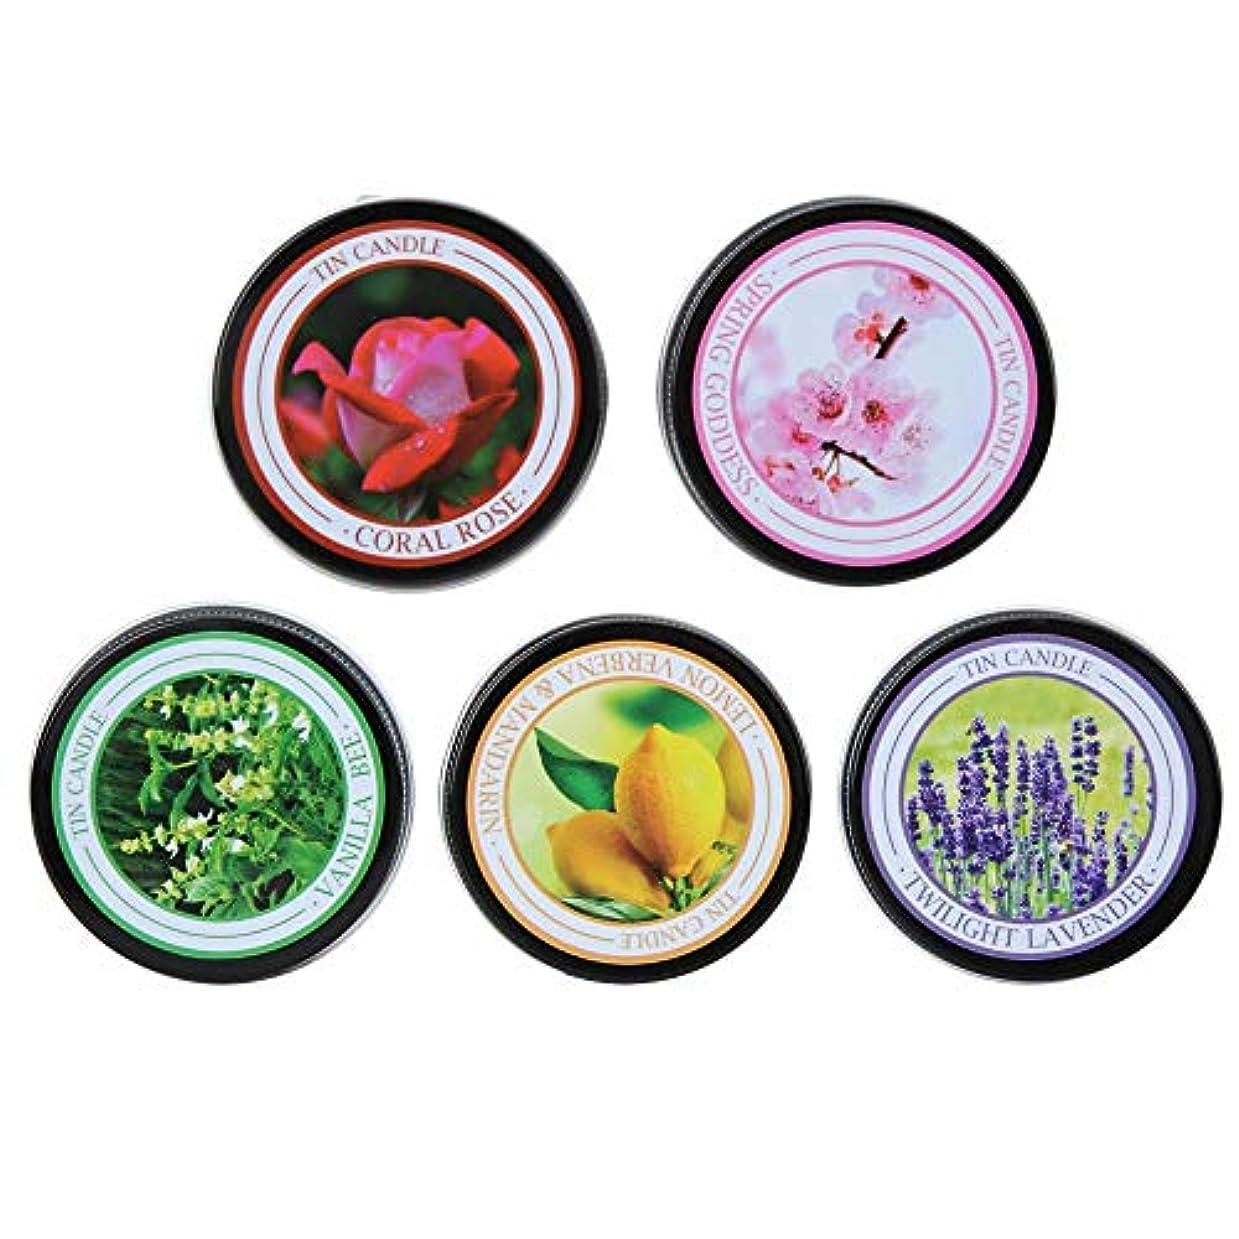 アジア人本気かどうかアロマセラピーキャンドルギフトセット、5PCS軽量ポータブル天然大豆ワックスプラントエッセンシャルオイル環境に優しい無煙アロマセラピーキャンドル、旅行用、ヨガ(5個)